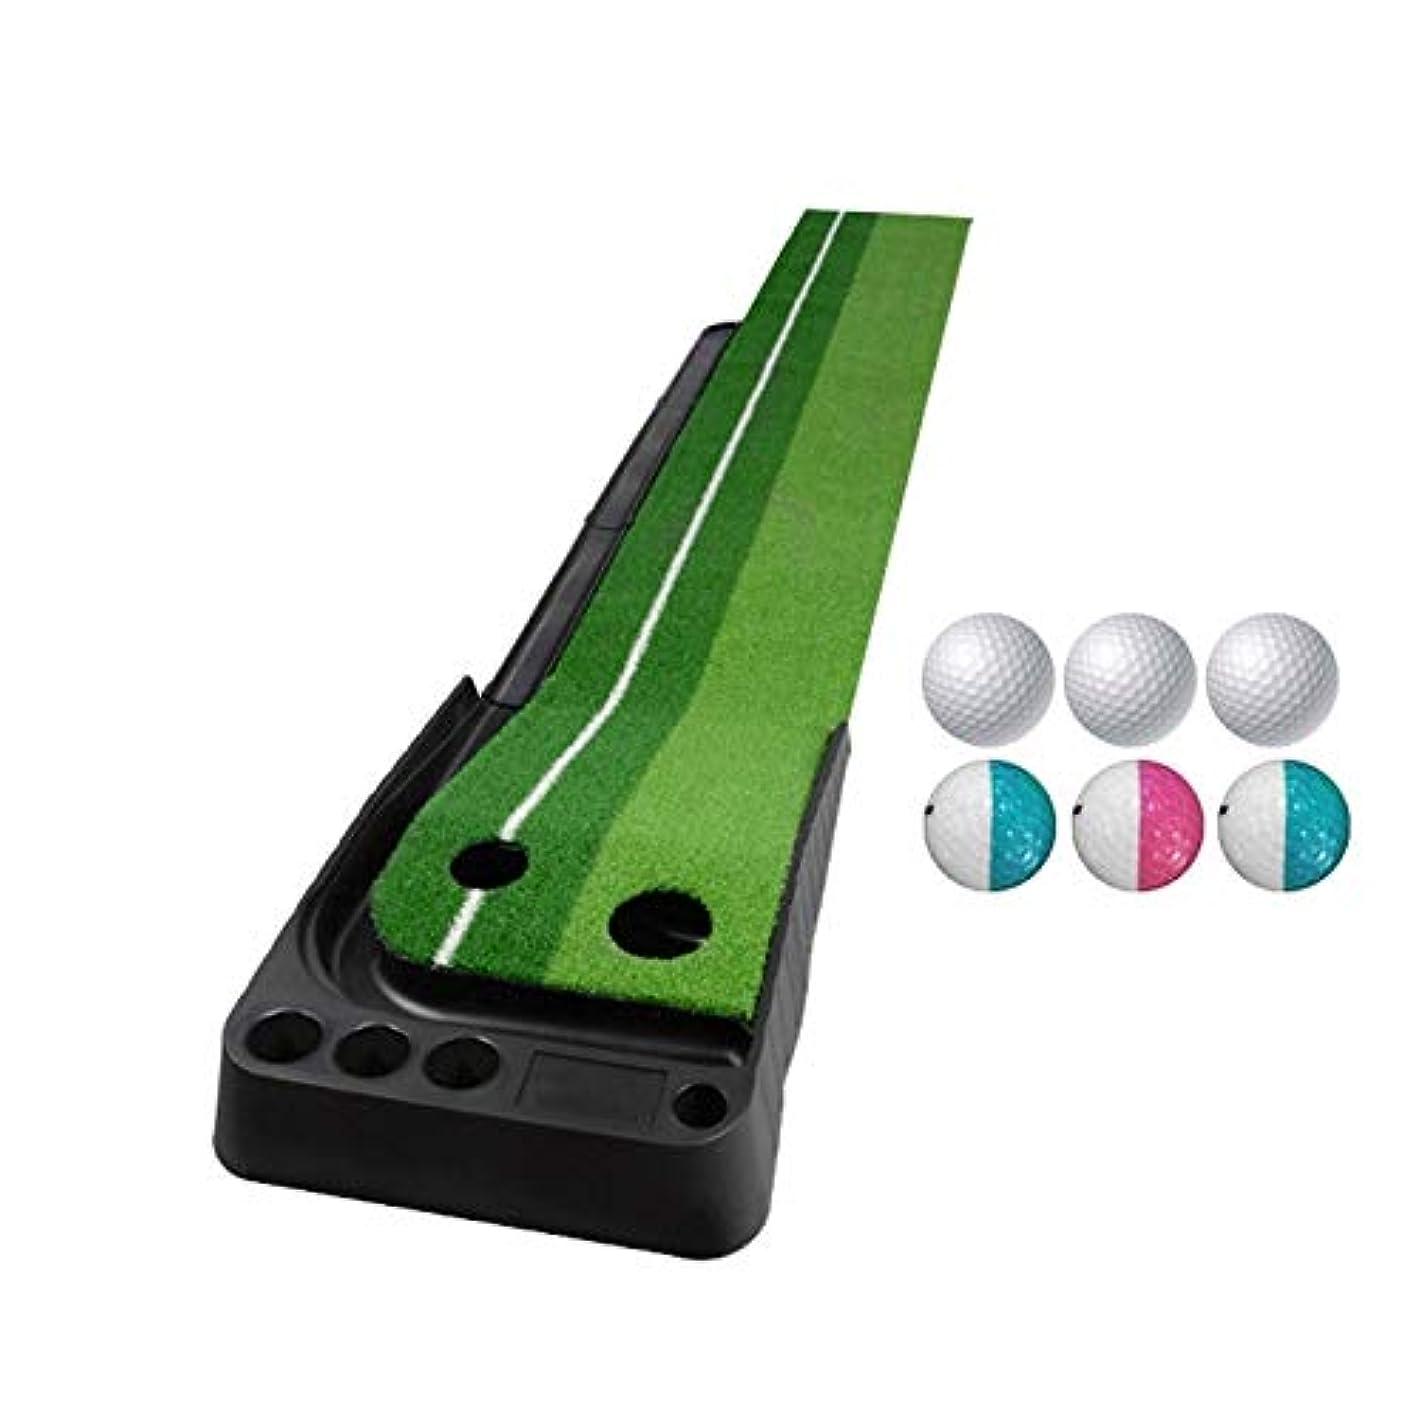 機械的冗談で温室ゴルフ用品 PGMゴルフパッティングマットプッシュロッドトレーナー2.5m、3つのソフトボールと3つの2色ボールとオートボールリターンフェアウェイ